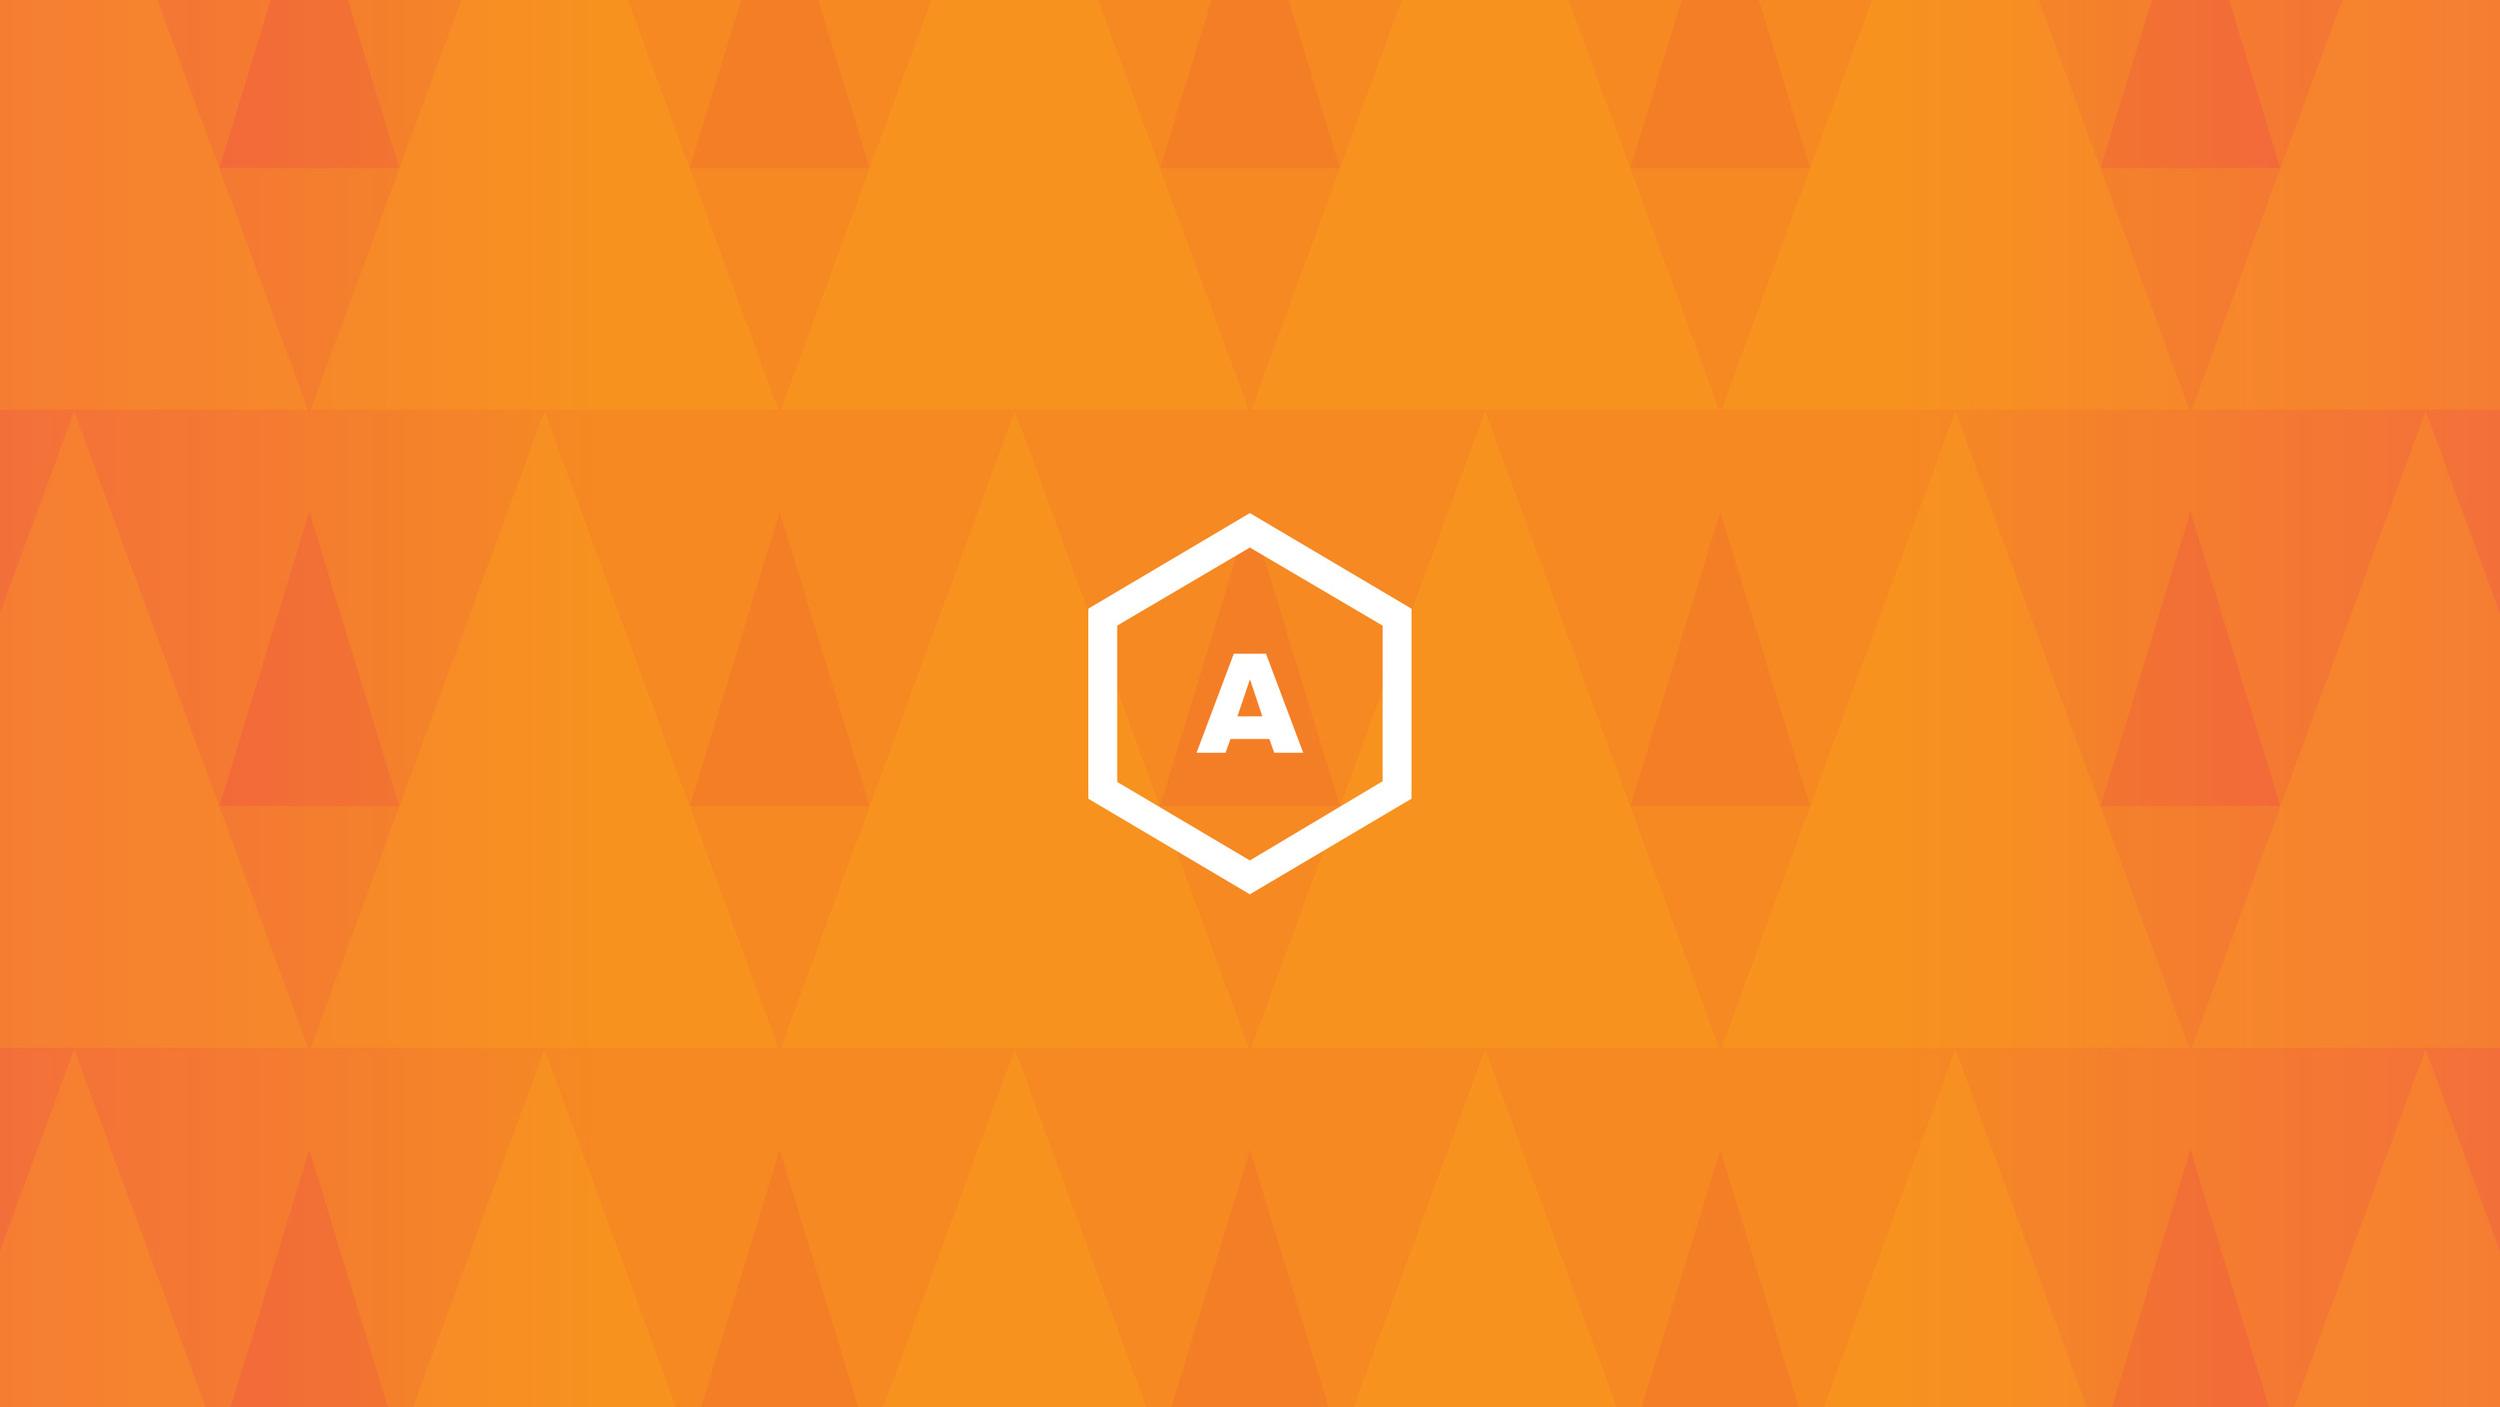 AA-Pattern.jpg